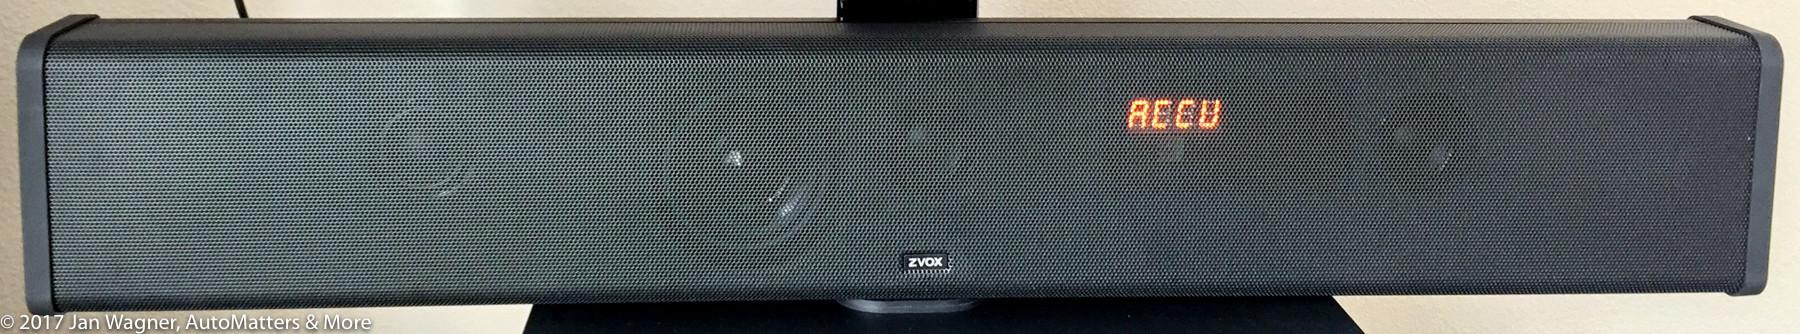 ZVOX Soundbar SB400